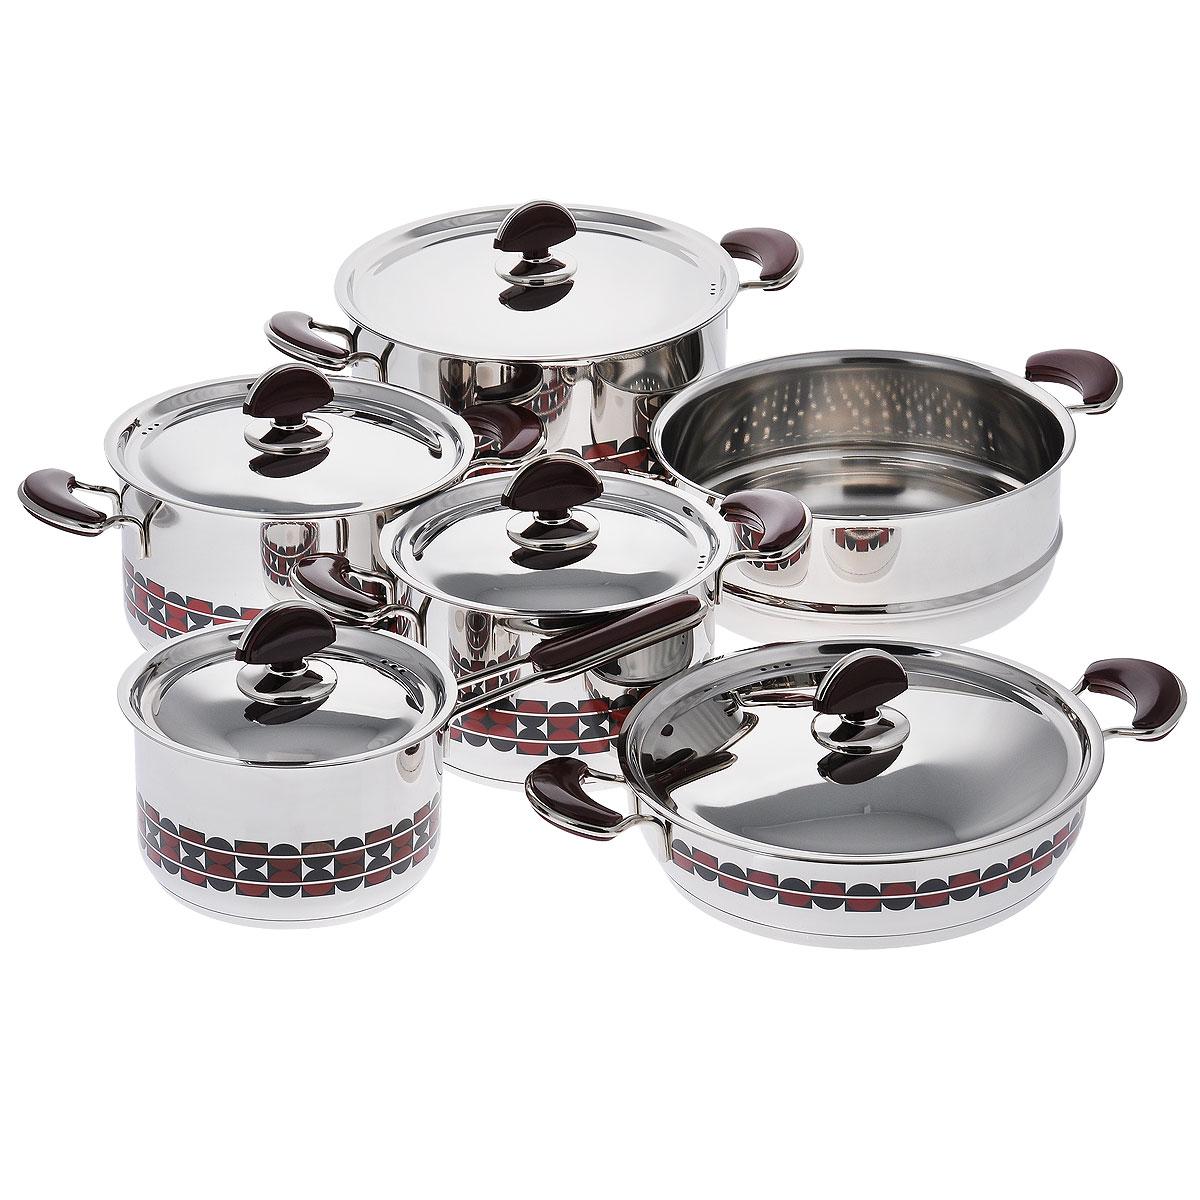 Набор посуды Kitchen-Art EX Pot, 11 предметов54 009312Набор посуды Kitchen-Art EX Pot состоит из четырех кастрюль, ковша и дуршлага-вставки. Изделия выполнены из нержавеющей стали «Премиум-ЛЮКС» (Южная Корея). Материал обладает высокой стойкостью к коррозии и кислотам. Прочность, долговечность и надежность этого материала, а также первоклассная обработка обеспечивают практически неограниченный запас прочности. Зеркальная полировка придает посуде привлекательный внешний вид.Дно посуды с трехслойным напылением. Идеально ровная внутренняя поверхность облегчает процесс чистки.Посуда оснащена удобными металлическими ручками с пластиковыми вставками, которые не нагреваются в процессе приготовления пищи. Крышки изготовлены из нержавеющей стали с пластиковыми ручками. Крышки имеют отверстия для выпуска пара.Набор посуды Kitchen-Art EX Pot - это модный европейский дизайн, обтекаемые линии и формы. Все изделия имеют специальный рисунок в стиле LUXURY. Каждое изделие упаковано в индивидуальную подарочную упаковку.Можно использовать на газовых, электрических, галогенных, стеклокерамических, индукционных плитах. Можно мыть в посудомоечной машине. Объем кастрюль: 2,5 л, 2,5 л, 4 л, 7 л. Диаметр кастрюль: 18 см, 20 см, 24 см, 24 см. Высота стенок кастрюль: 12 см, 12 см, 6,5 см, Диаметр дуршлага-вставки: 24 см. Высота стенки дуршлага-вставки: 10 см. Объем ковша: 2,1 л. Диаметр ковша: 16 см. Длина ручки ковша: 15,5 см. Высота стенки ковша: 10,5 см. Толщина стенки: 3 мм. Толщина дна: 5 мм.